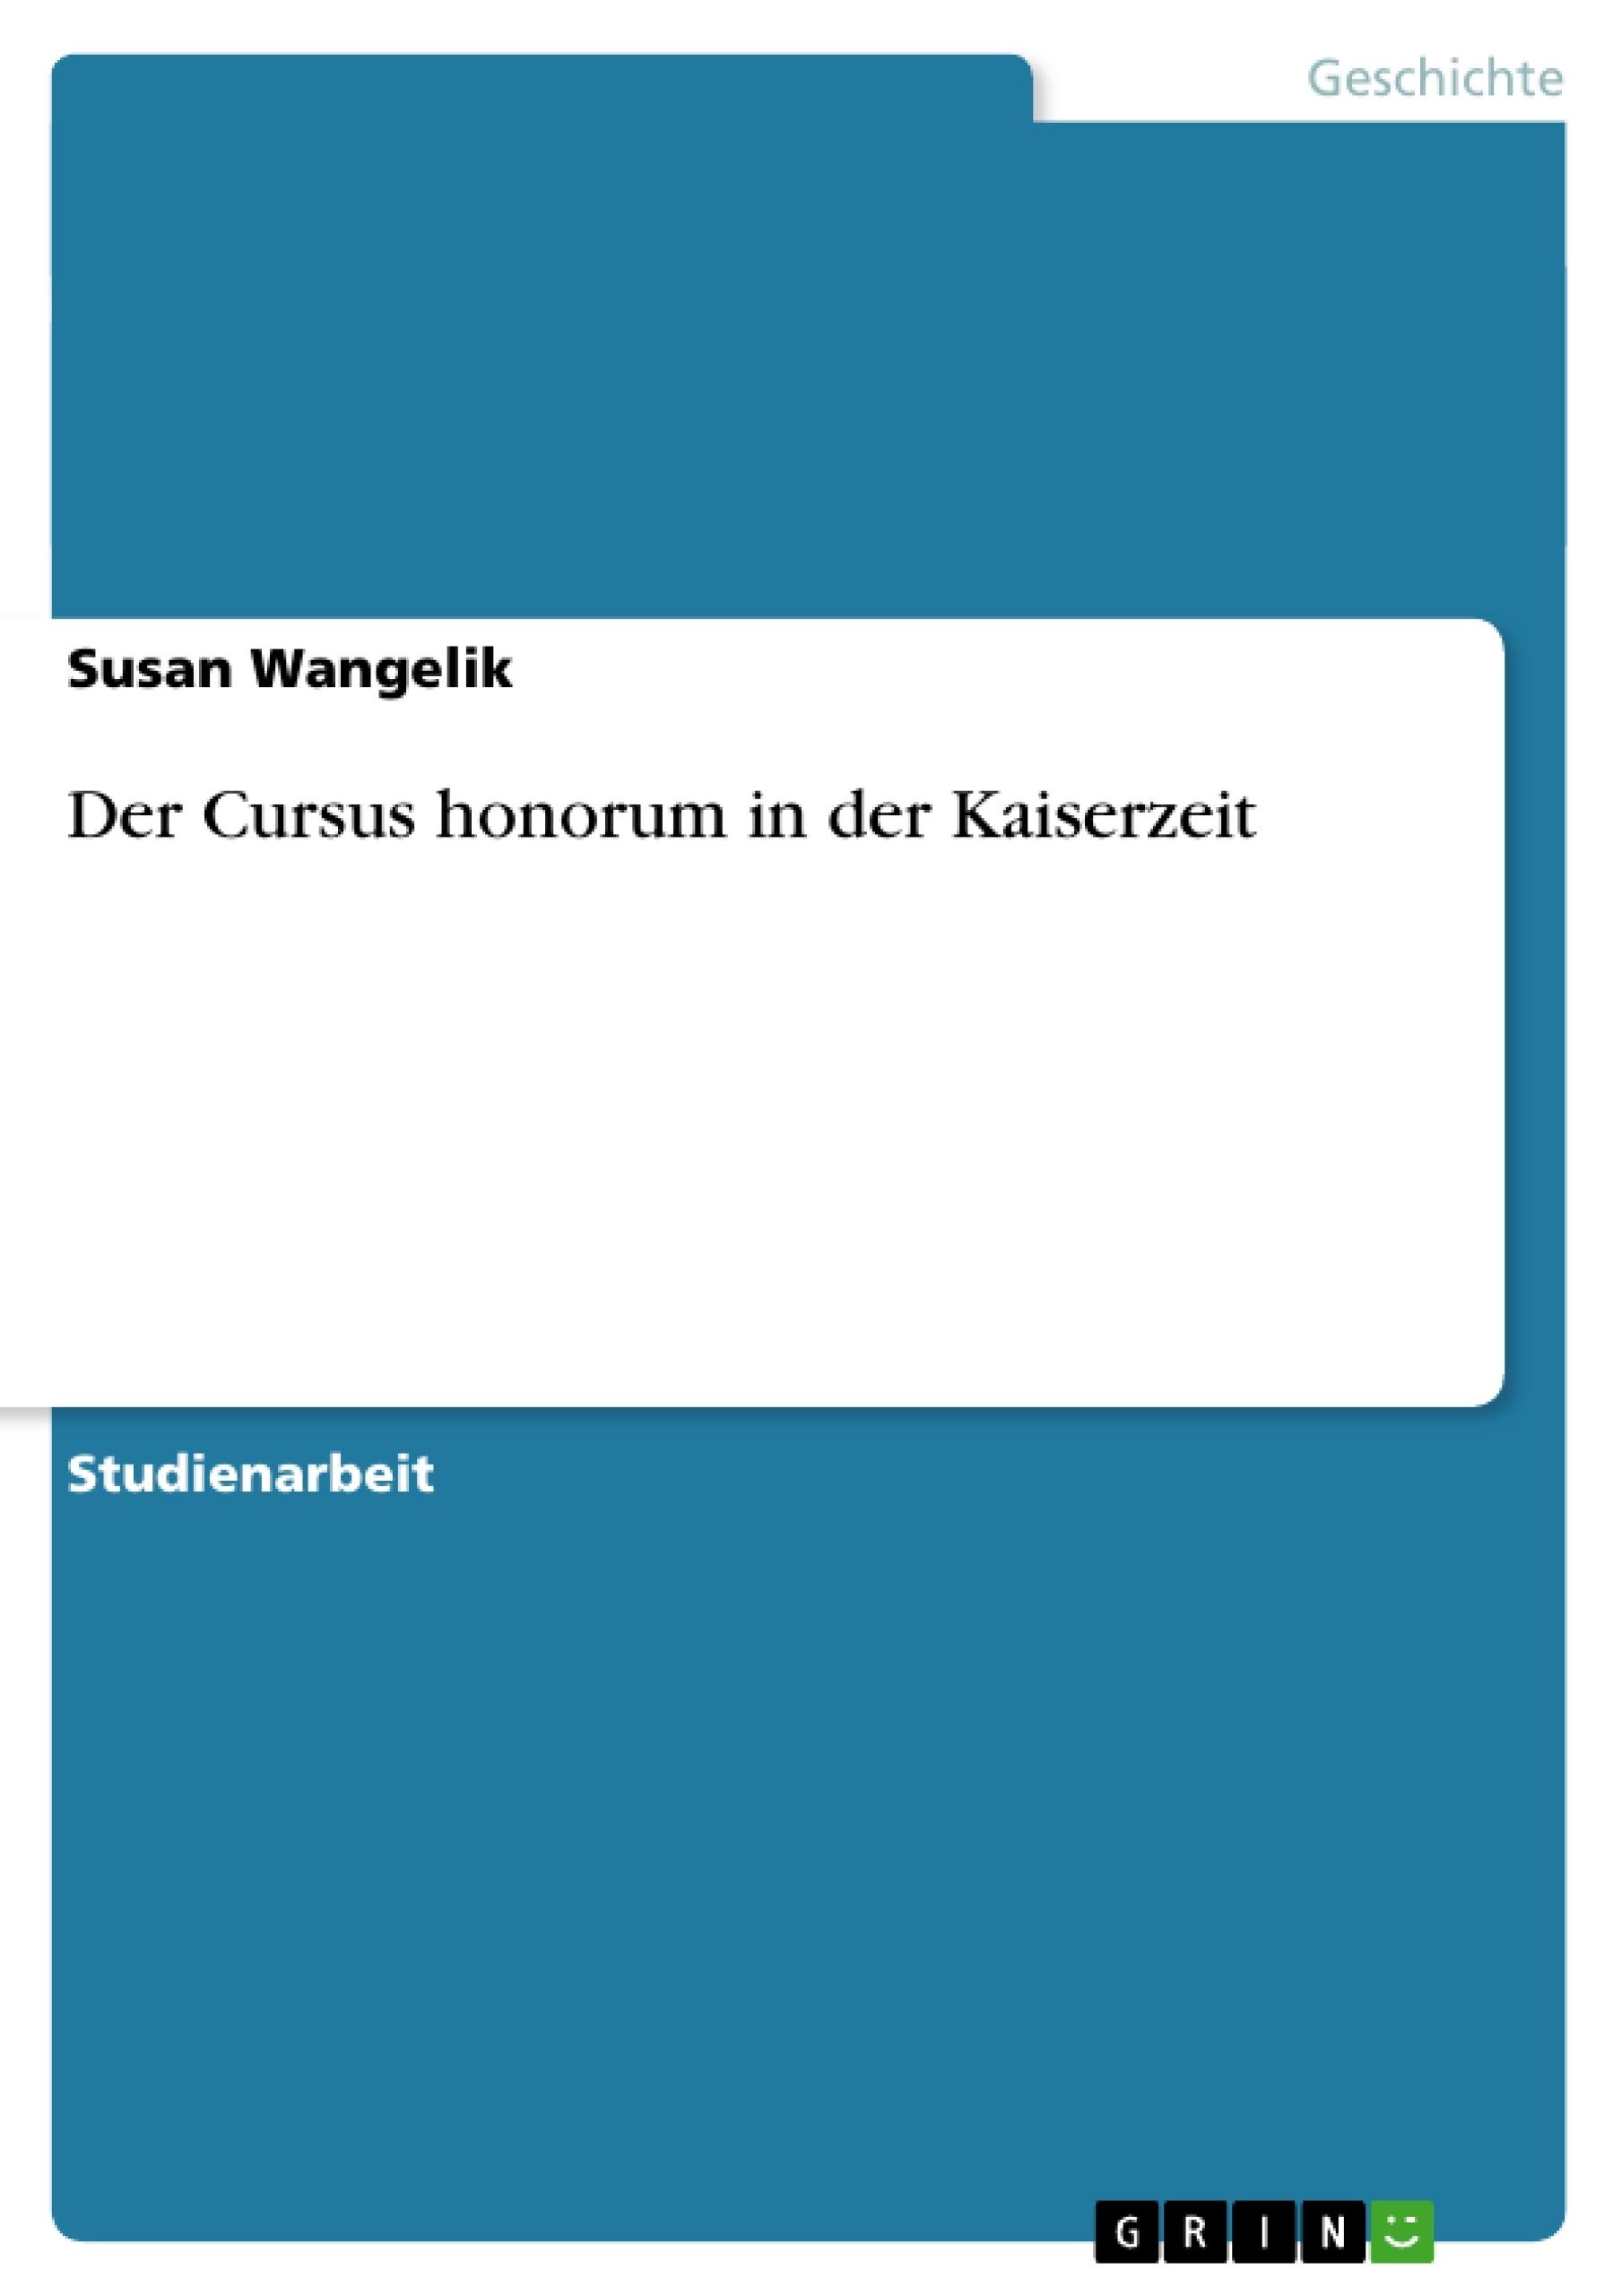 Titel: Der Cursus honorum in der Kaiserzeit